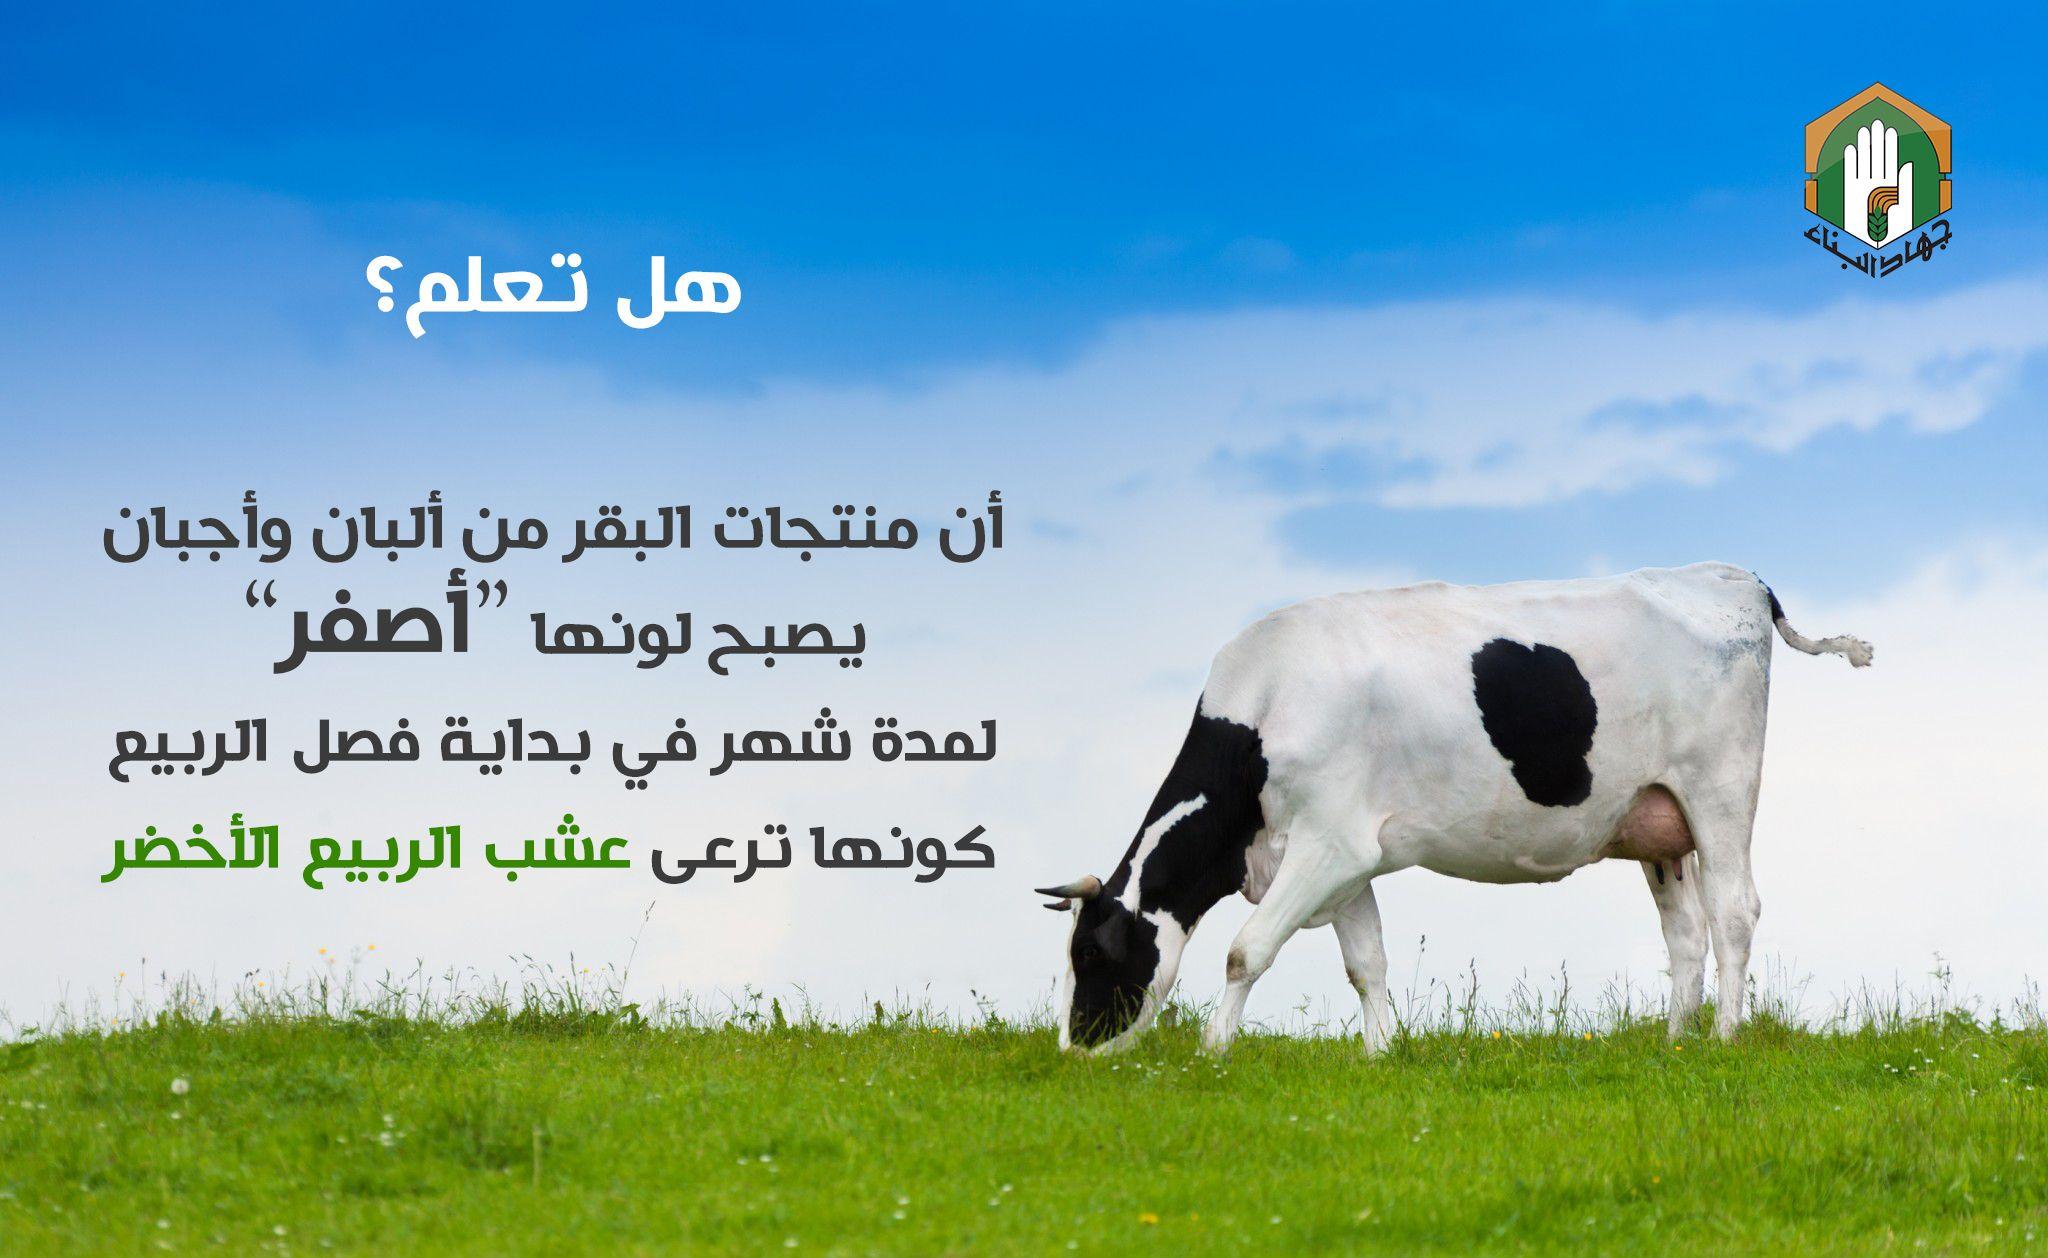 هل تعلم منوجات البقر لونها أصفر فب فصل الربيع Joni Animals Cow